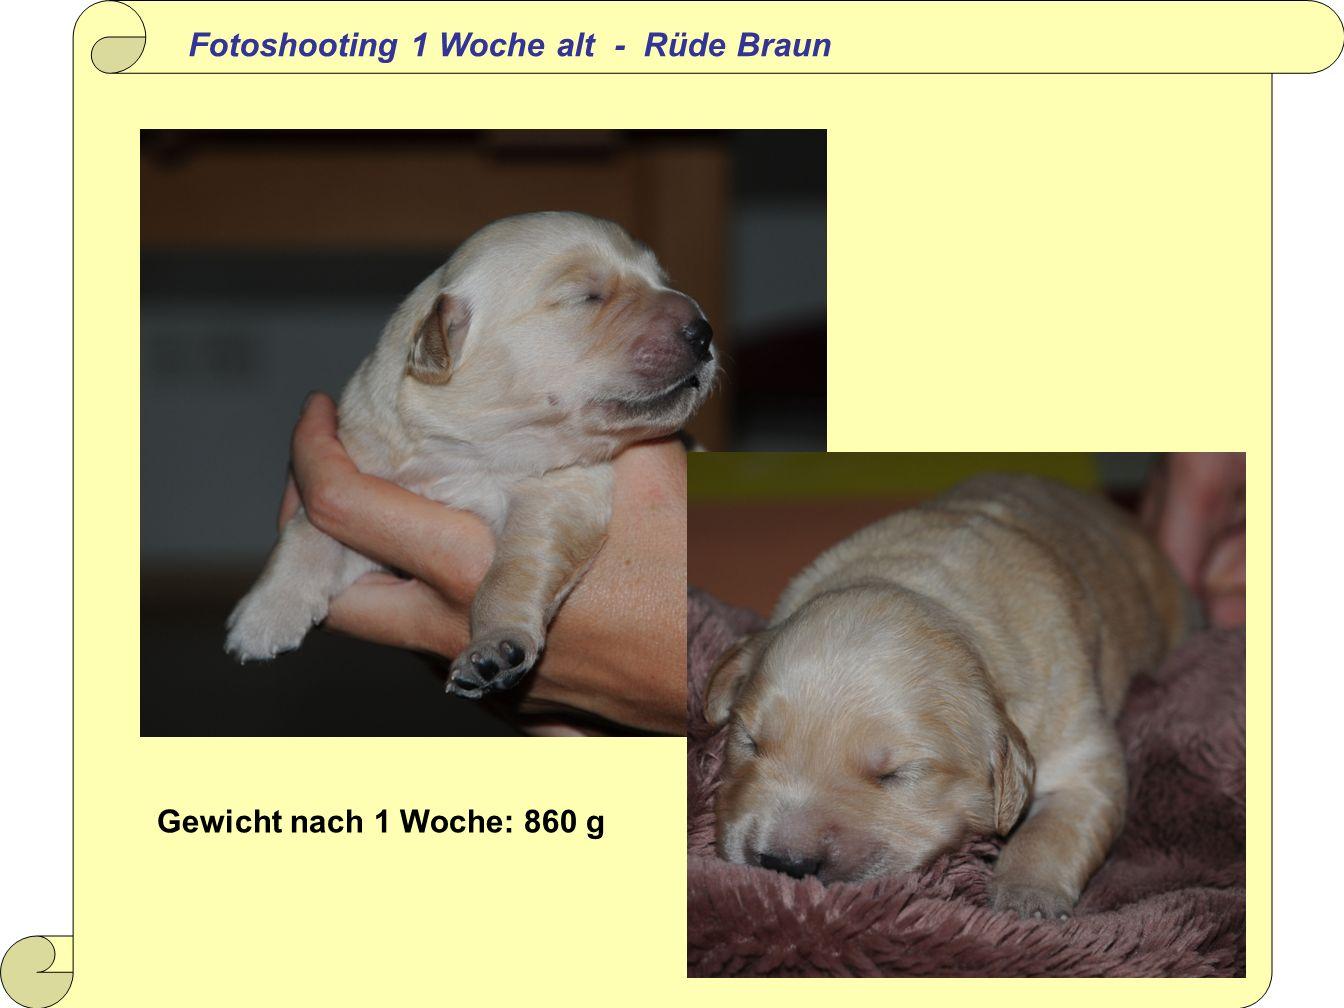 Fotoshooting 1 Woche alt - Rüde Braun Gewicht nach 1 Woche: 860 g